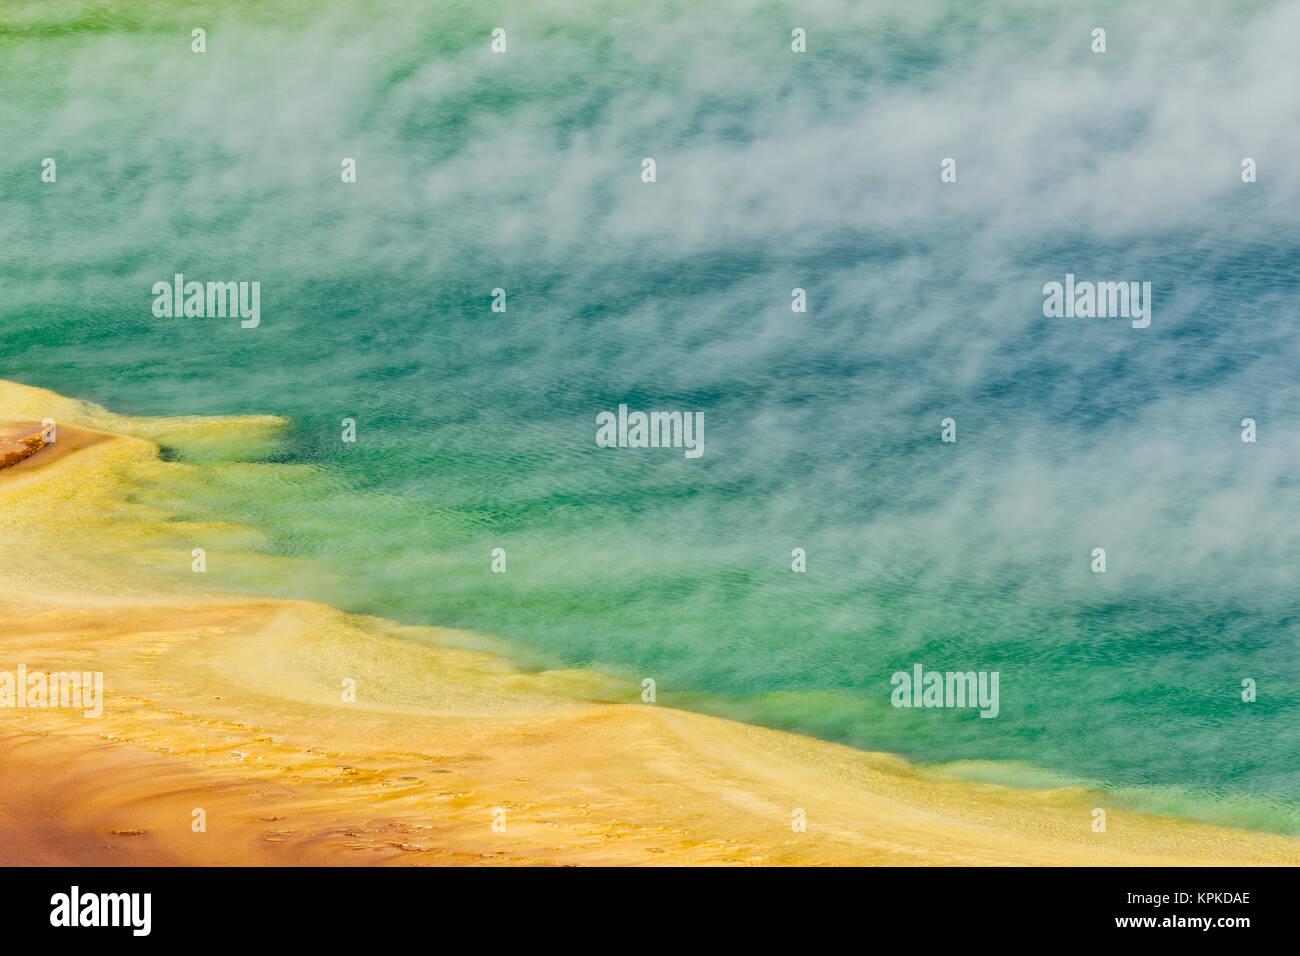 Erhöhten Blick auf Grand Bildobjekte Frühling und Muster in Bakterienmatte, Midway Geyser Basin, Yellowstone-Nationalpark, Wyoming. Stockfoto